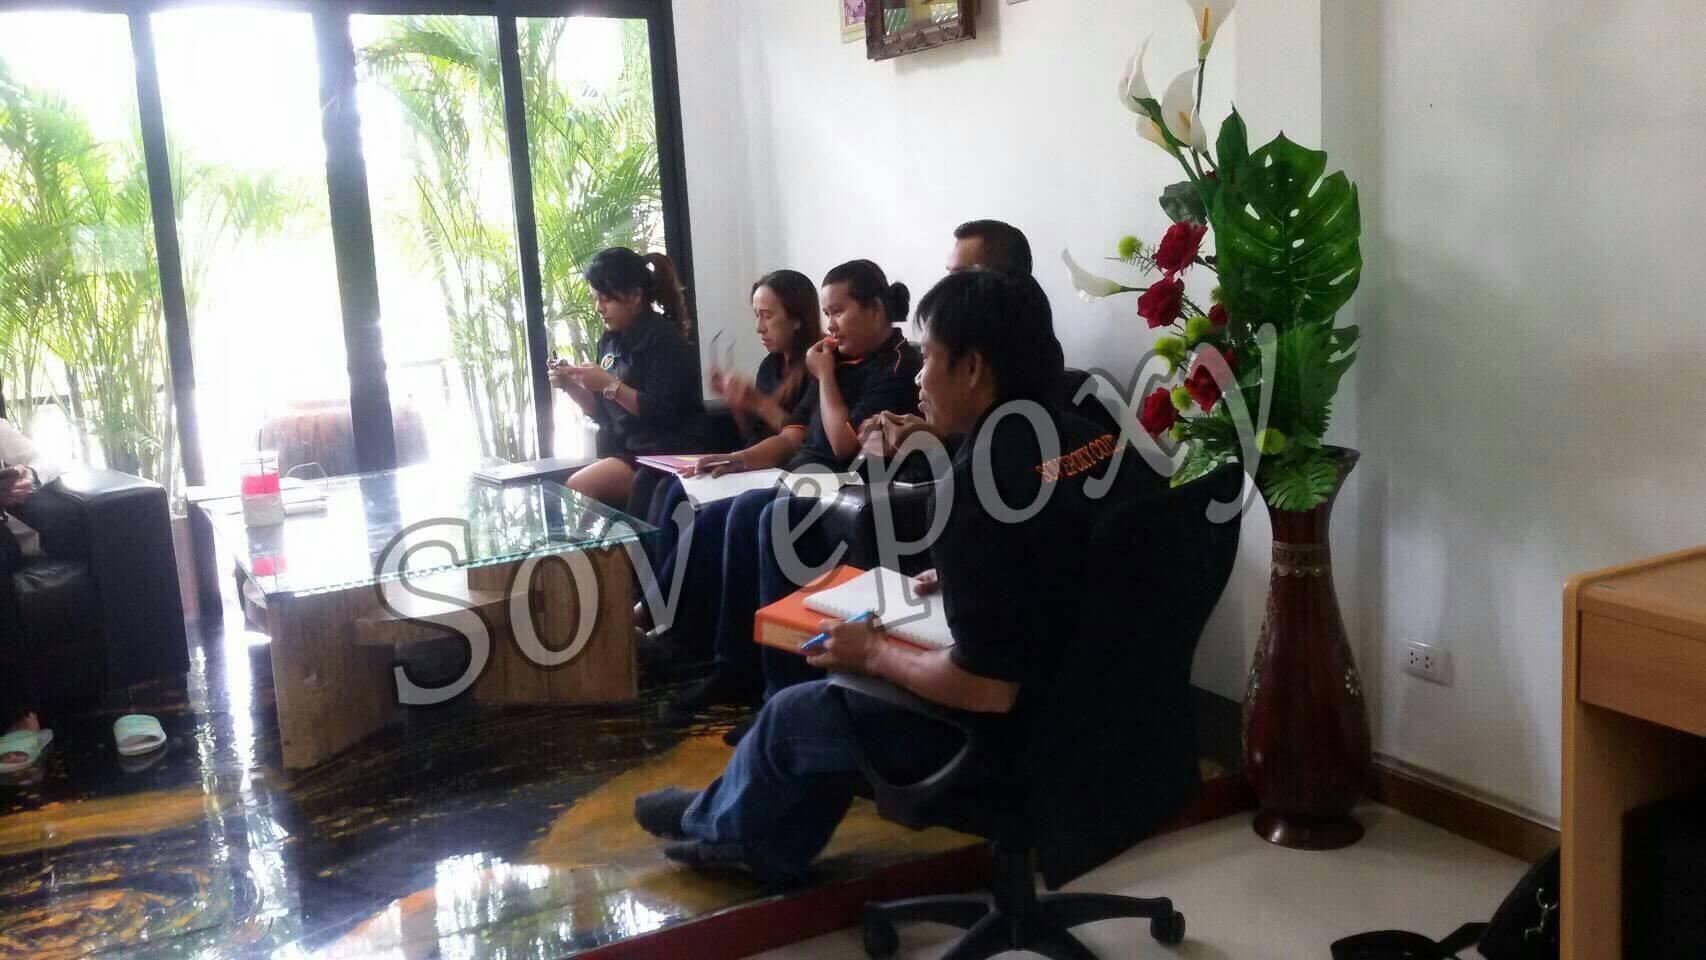 ประชุมยอดขาย SOV EPOXY 4